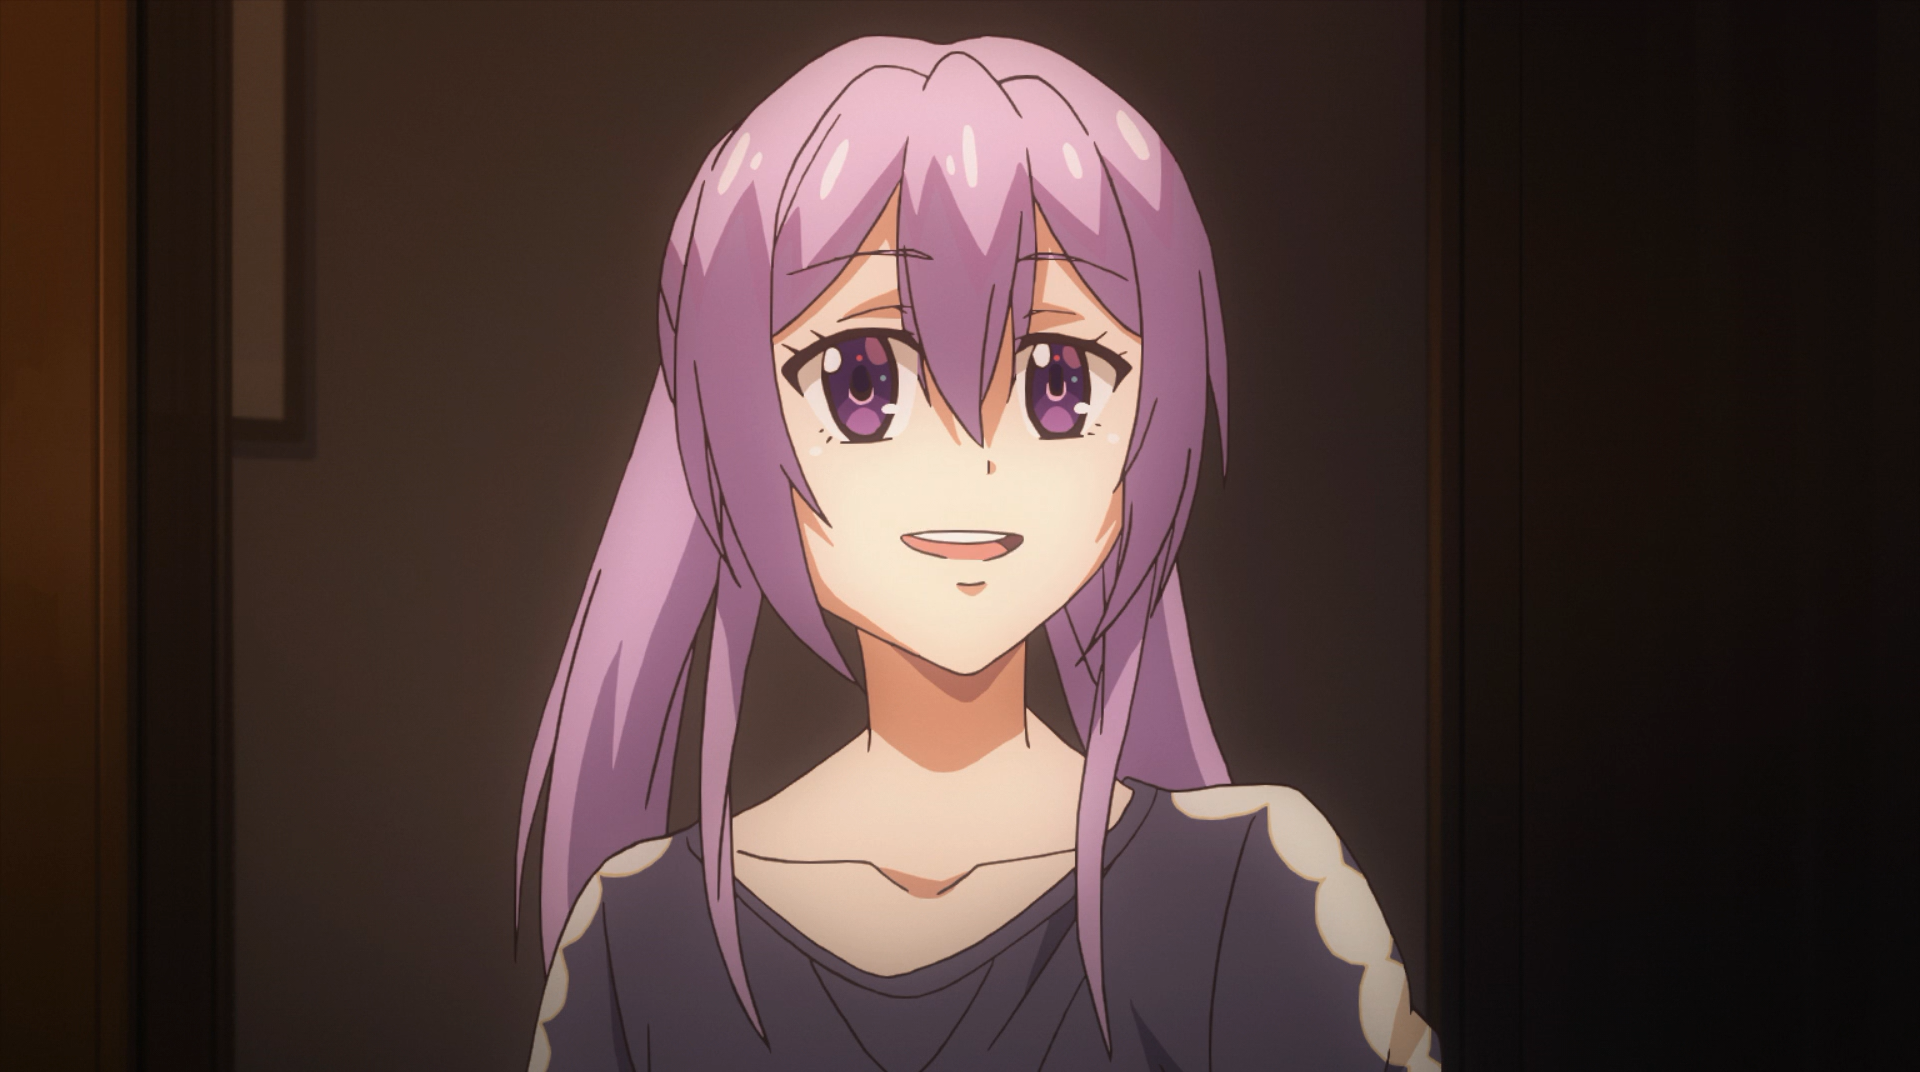 Nach Zwei Folgen ImoImo Anime Mit Qualitatsproblemen Anime2You